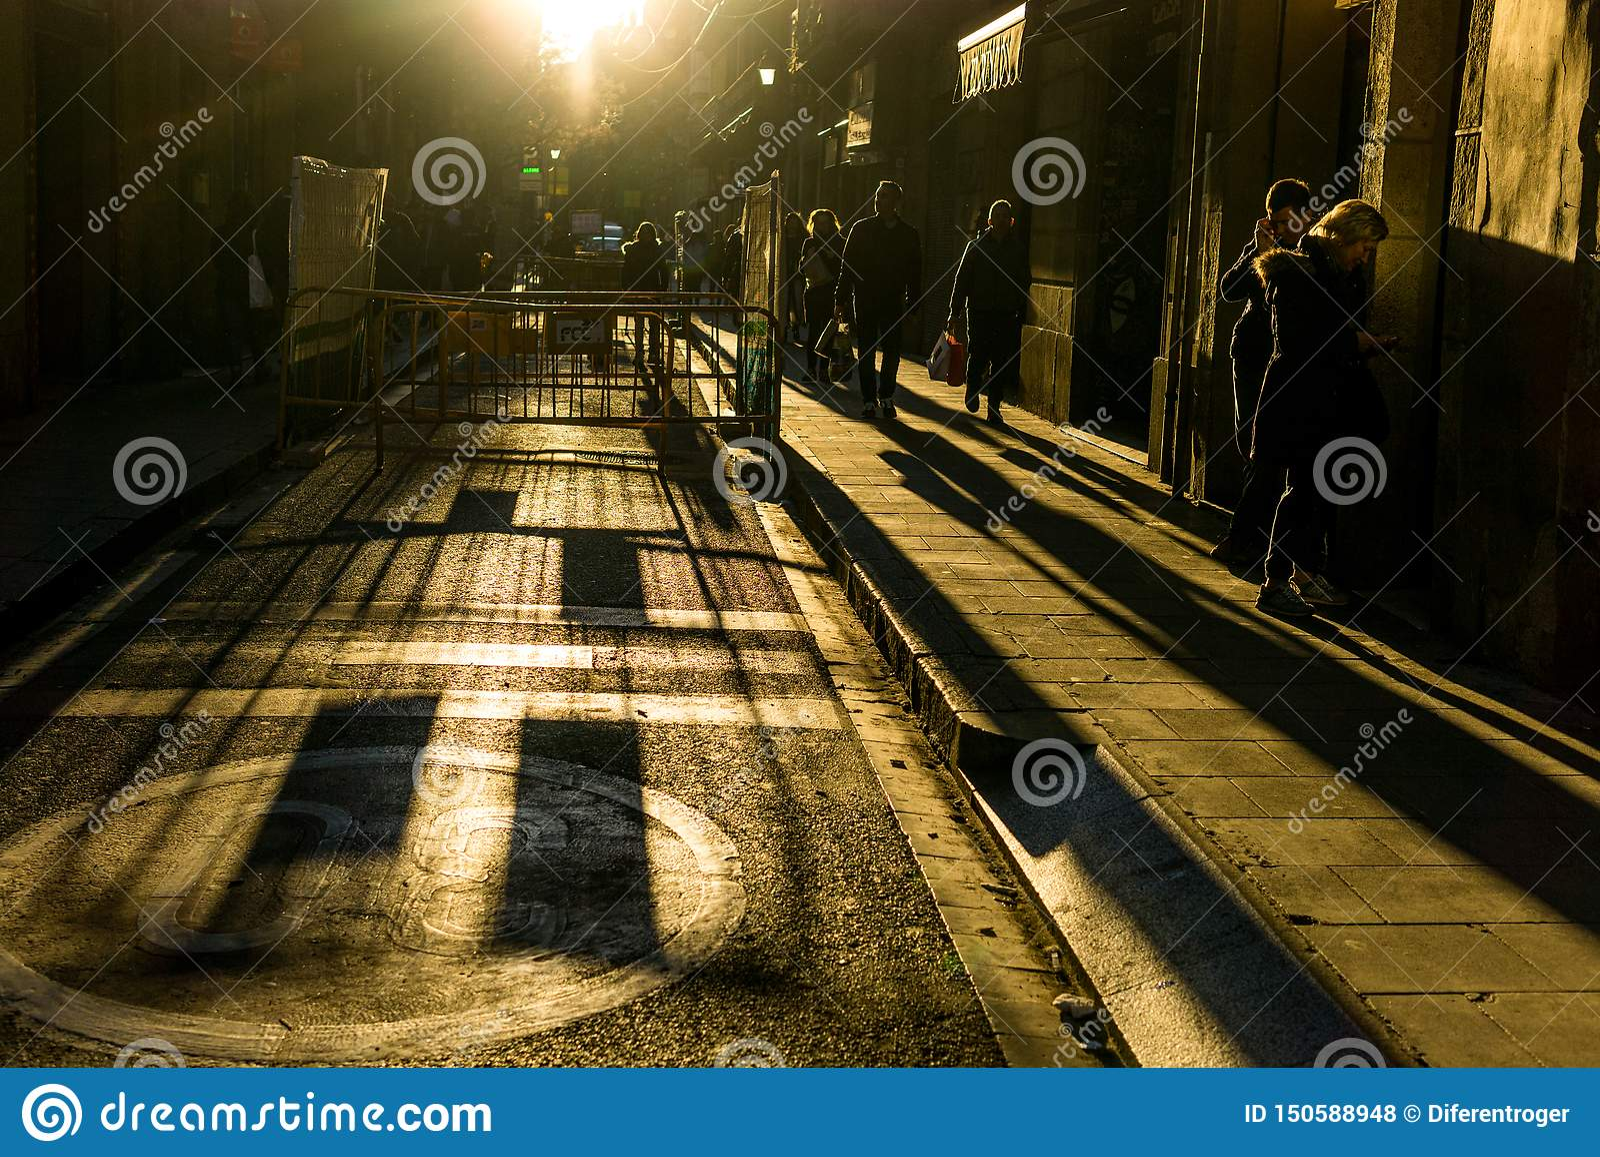 Calles con la gente irreconocible con alto contraste y fondo oscuro